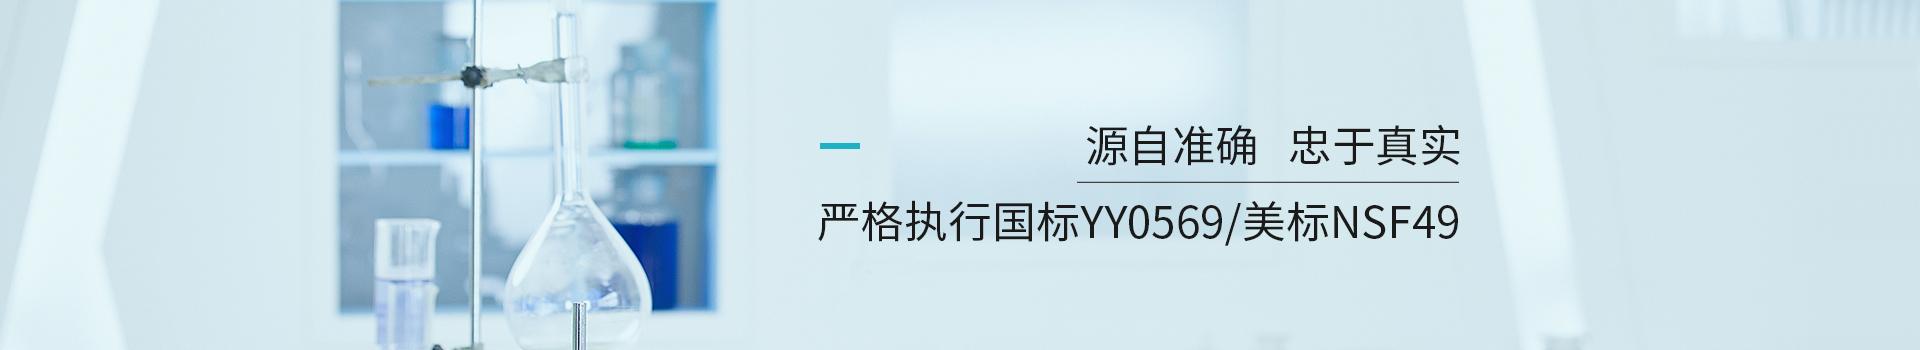 上海熙迈仪器确认源自准确、忠于真实